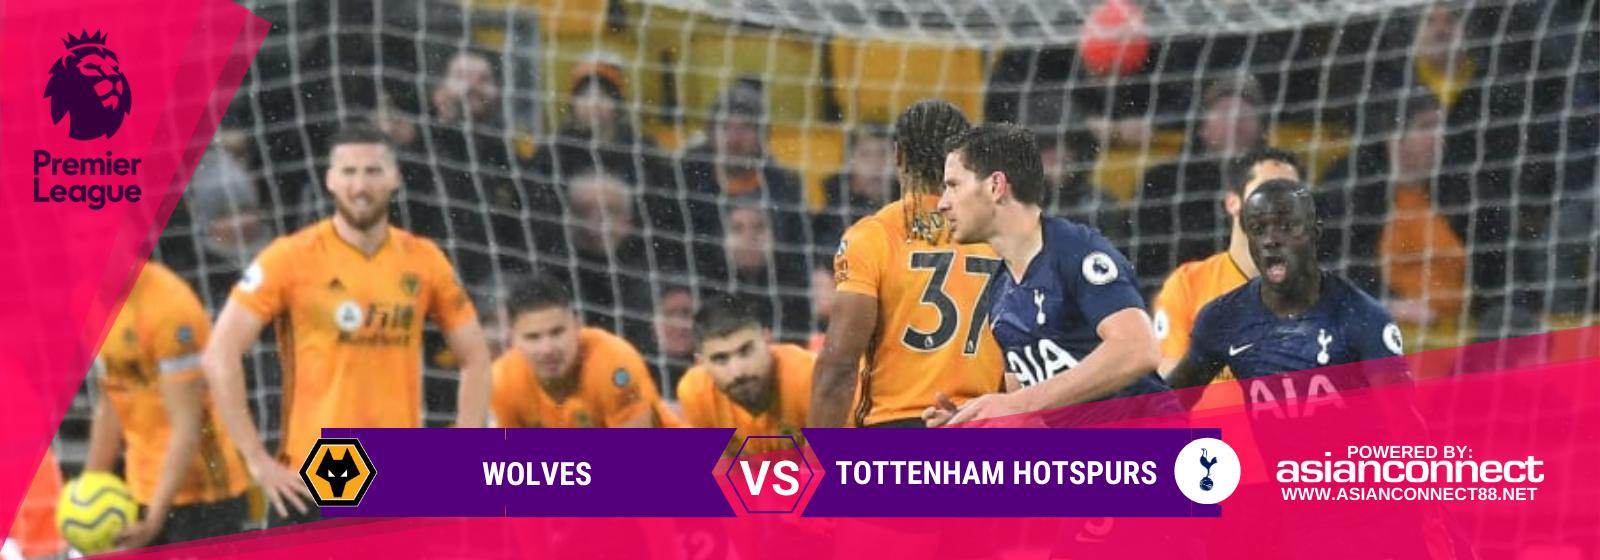 Asianconnect: Wolves vs Tottenham Hotspurs